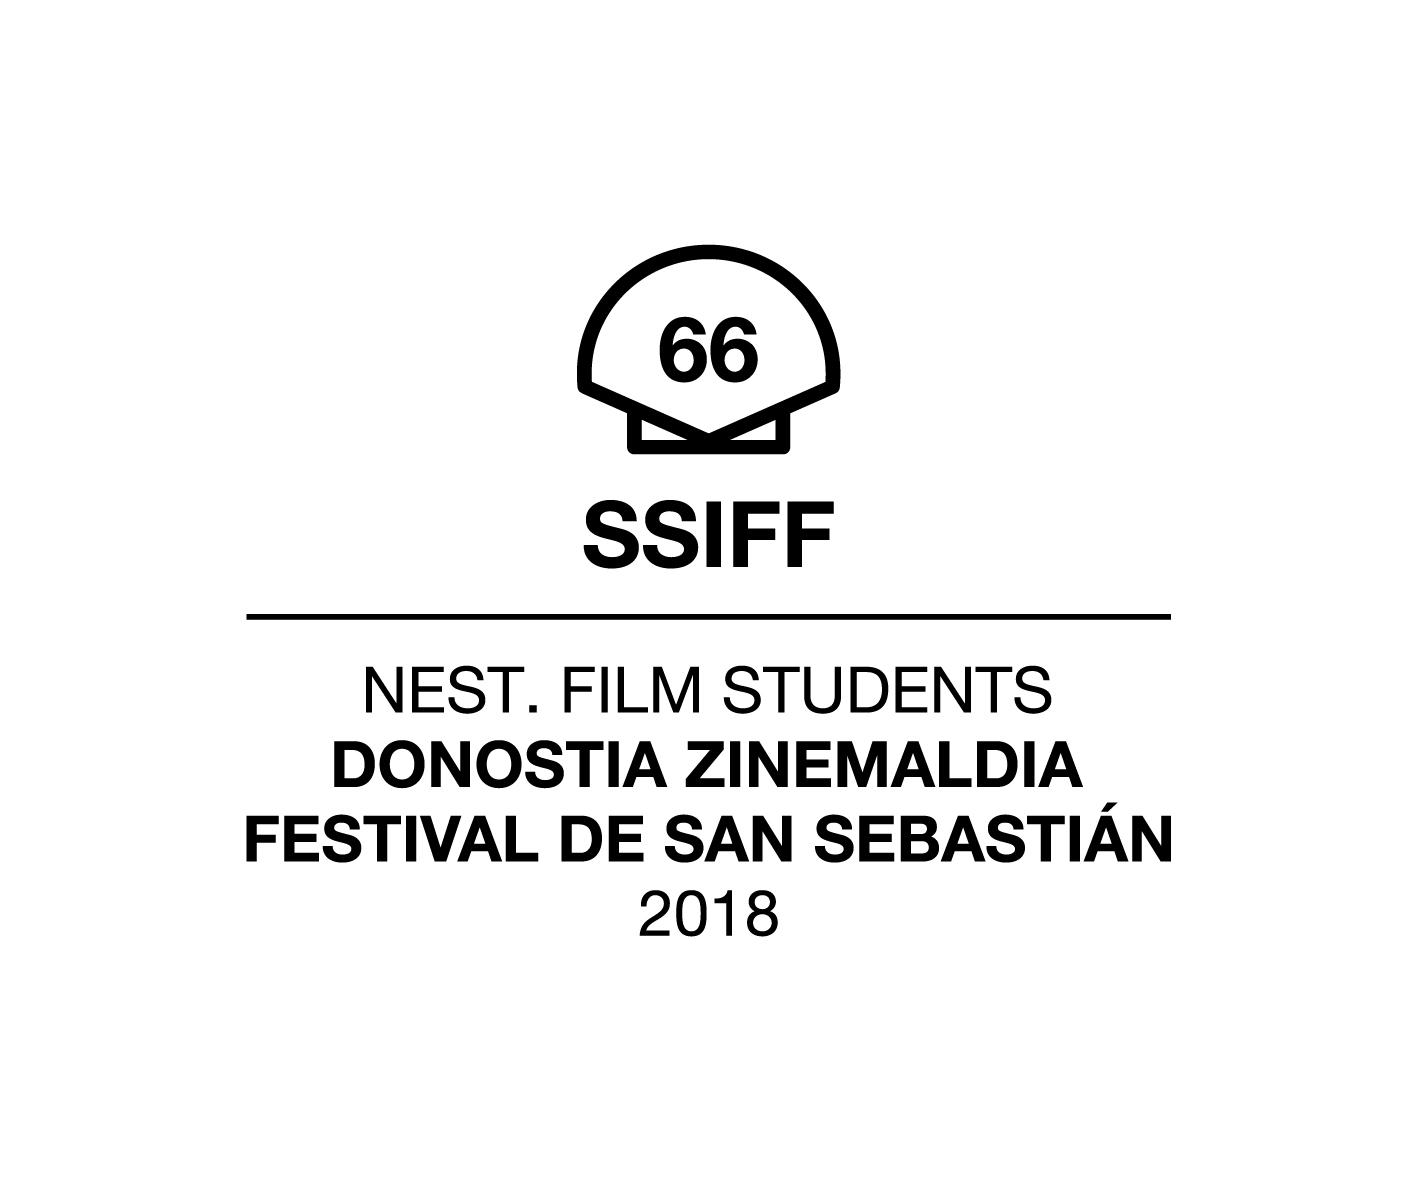 Logotipo de Secciones NEST Film Students _br_66 Edición 2018.jpeg